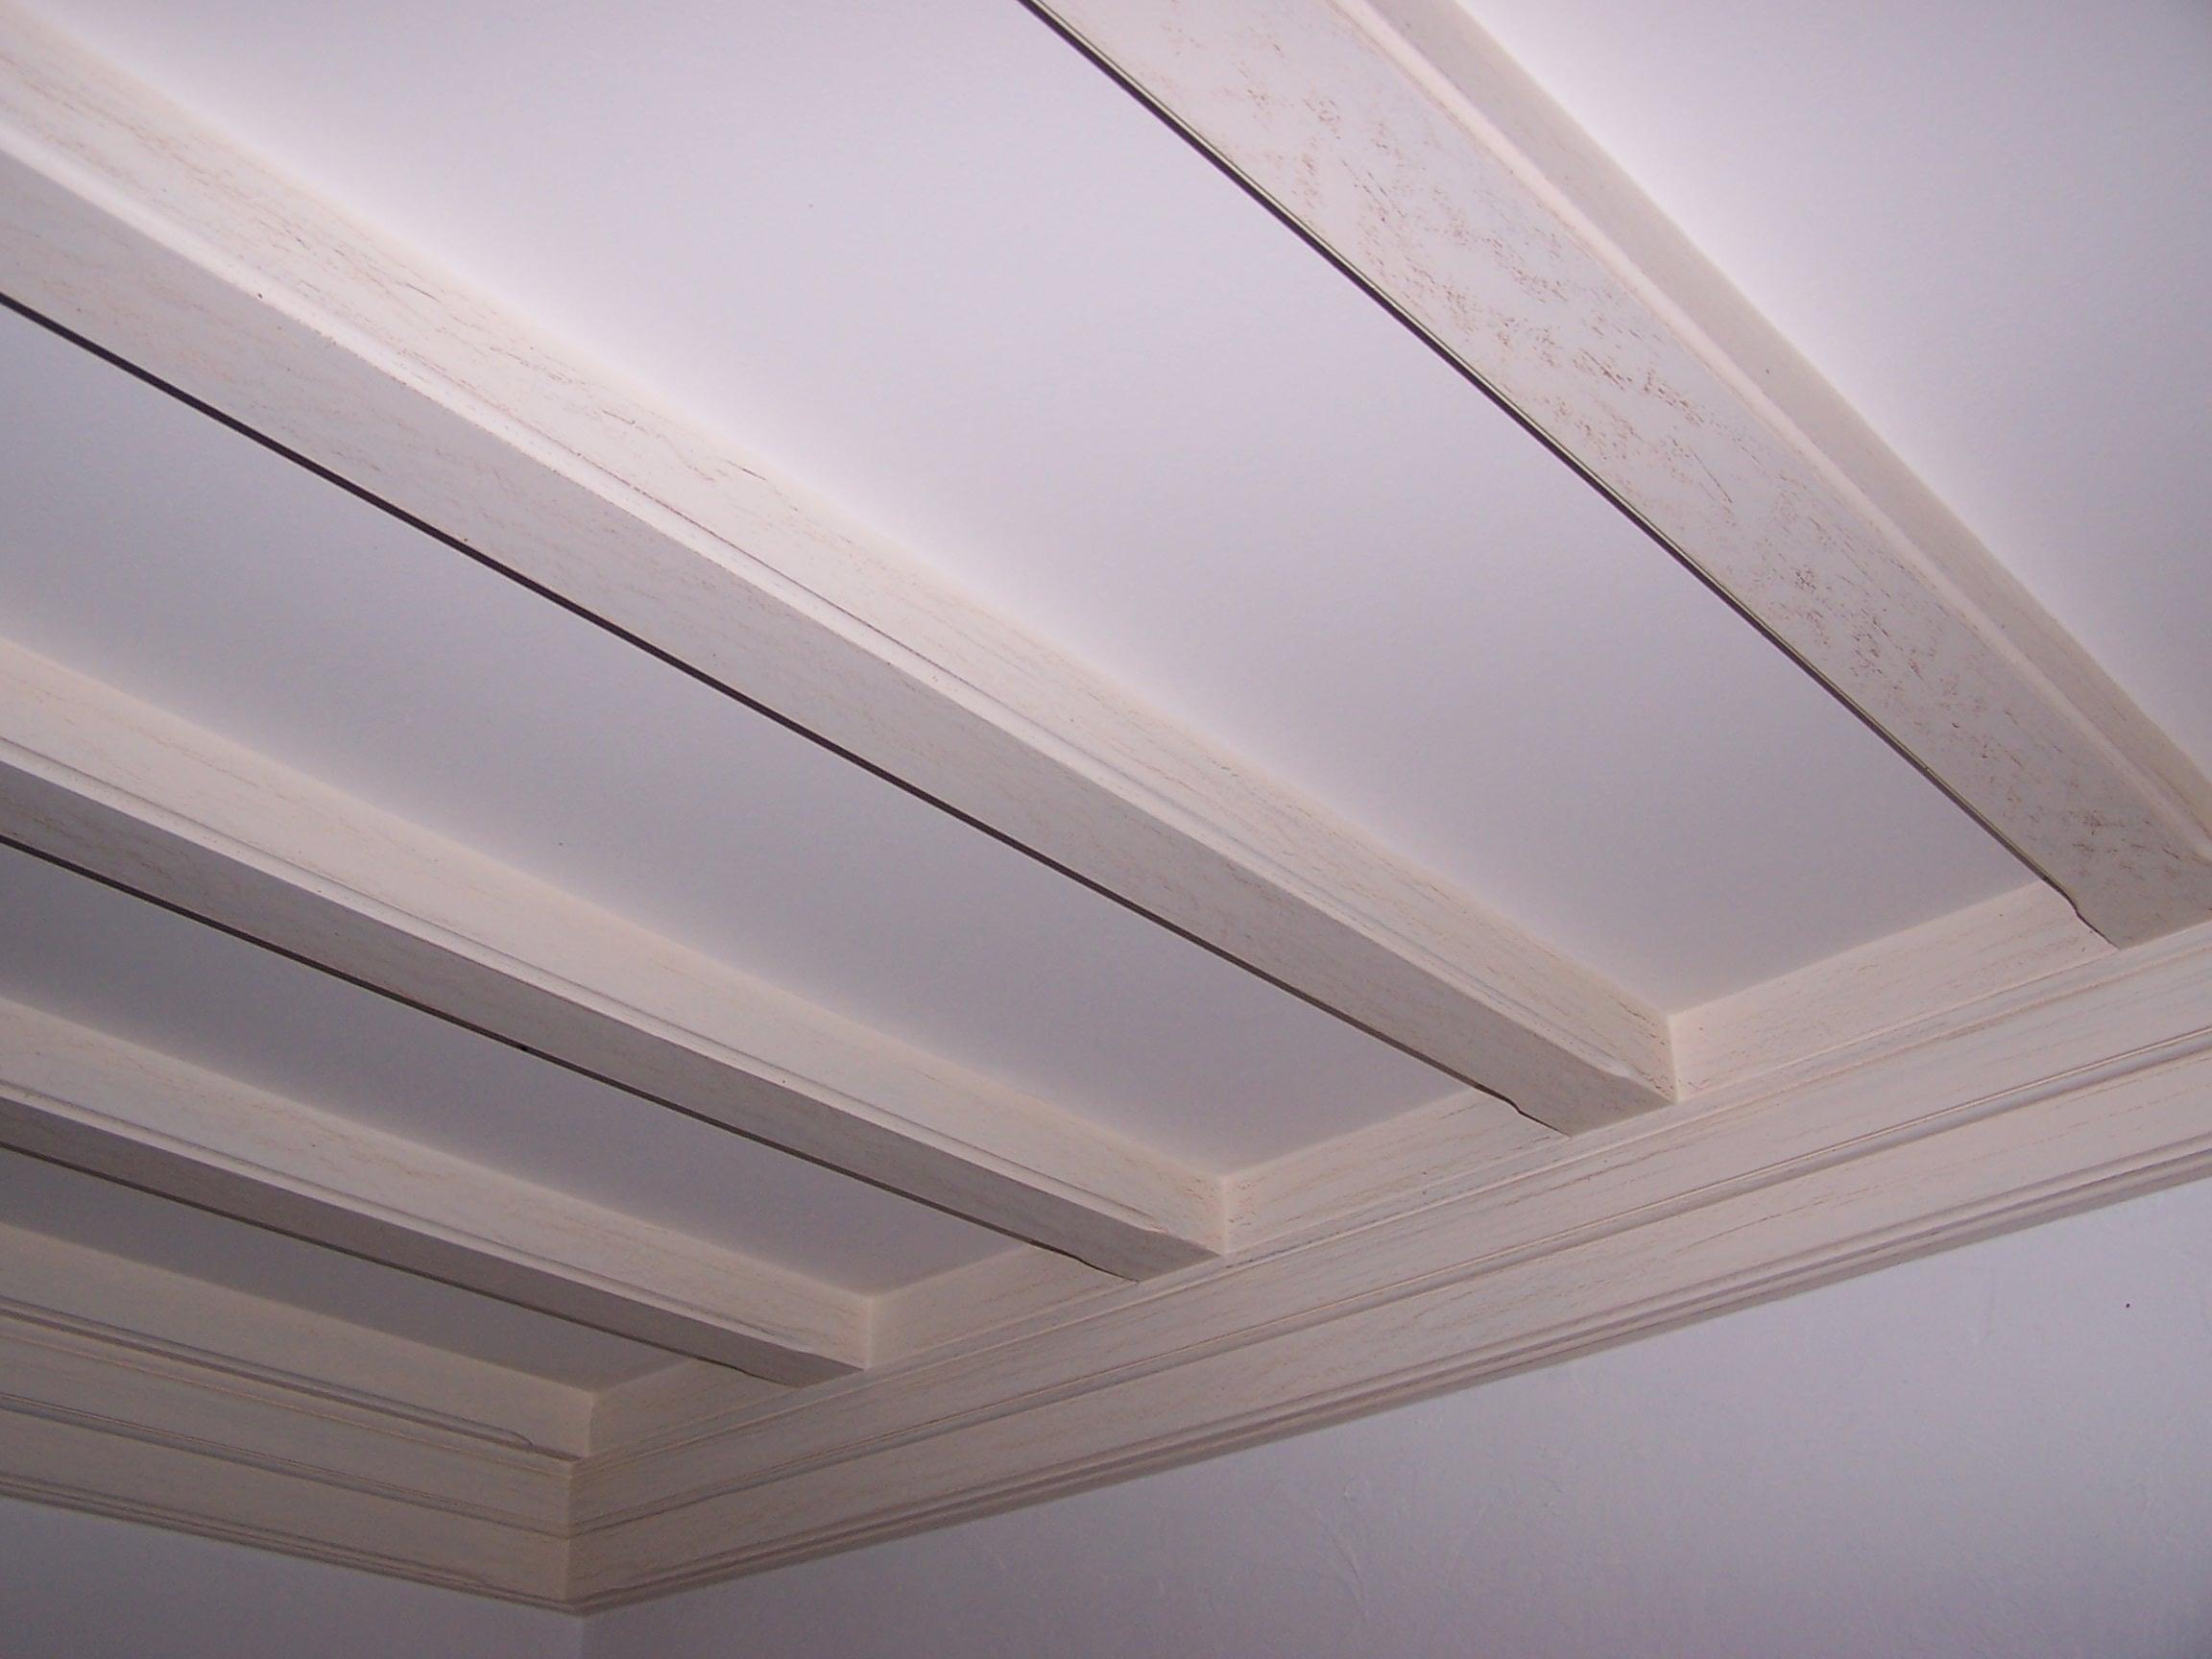 D coration bois c rus s en provence - Prix du metre carre de peinture plafond ...